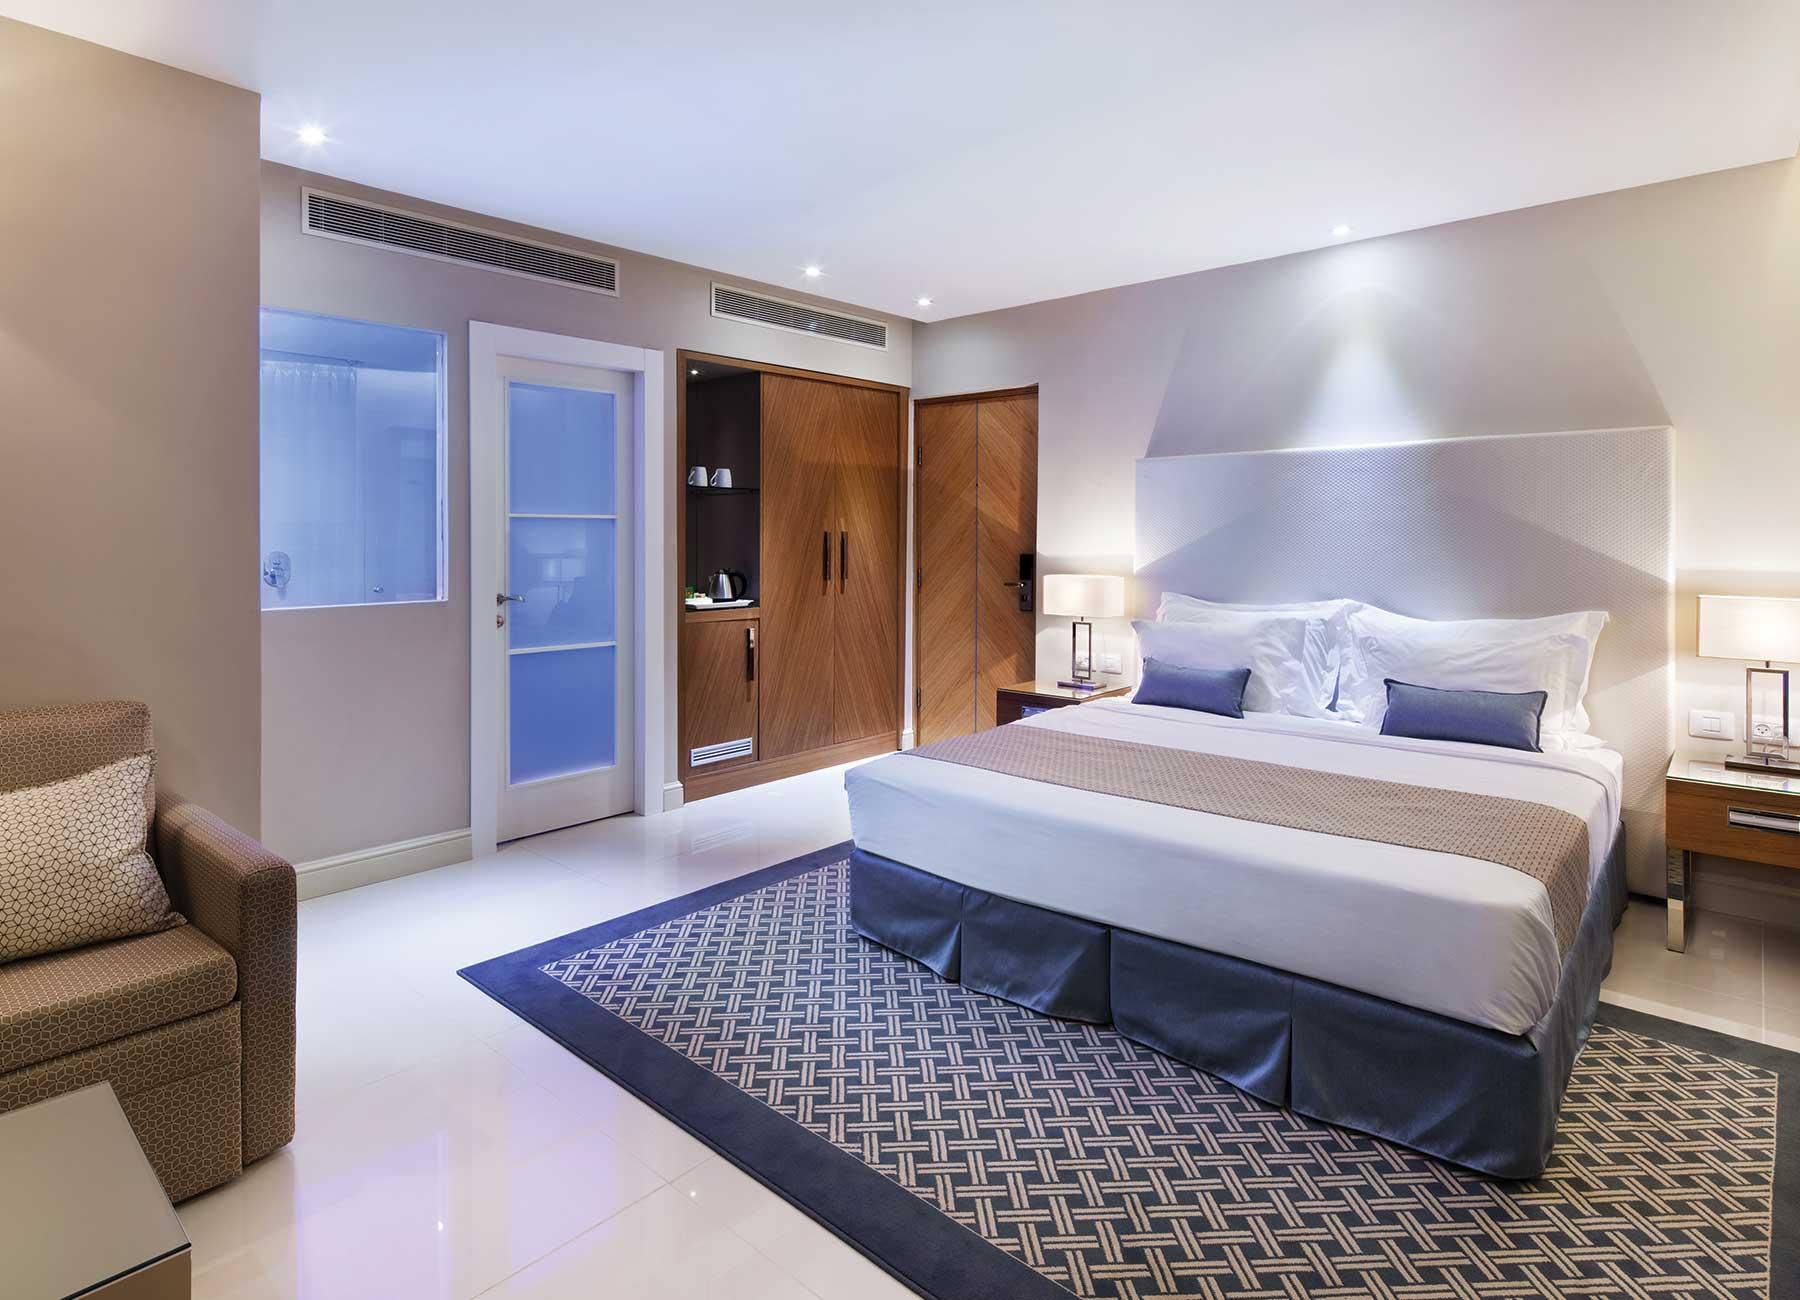 חדר דלקס במלוןהרברטסמואל הריף אילת